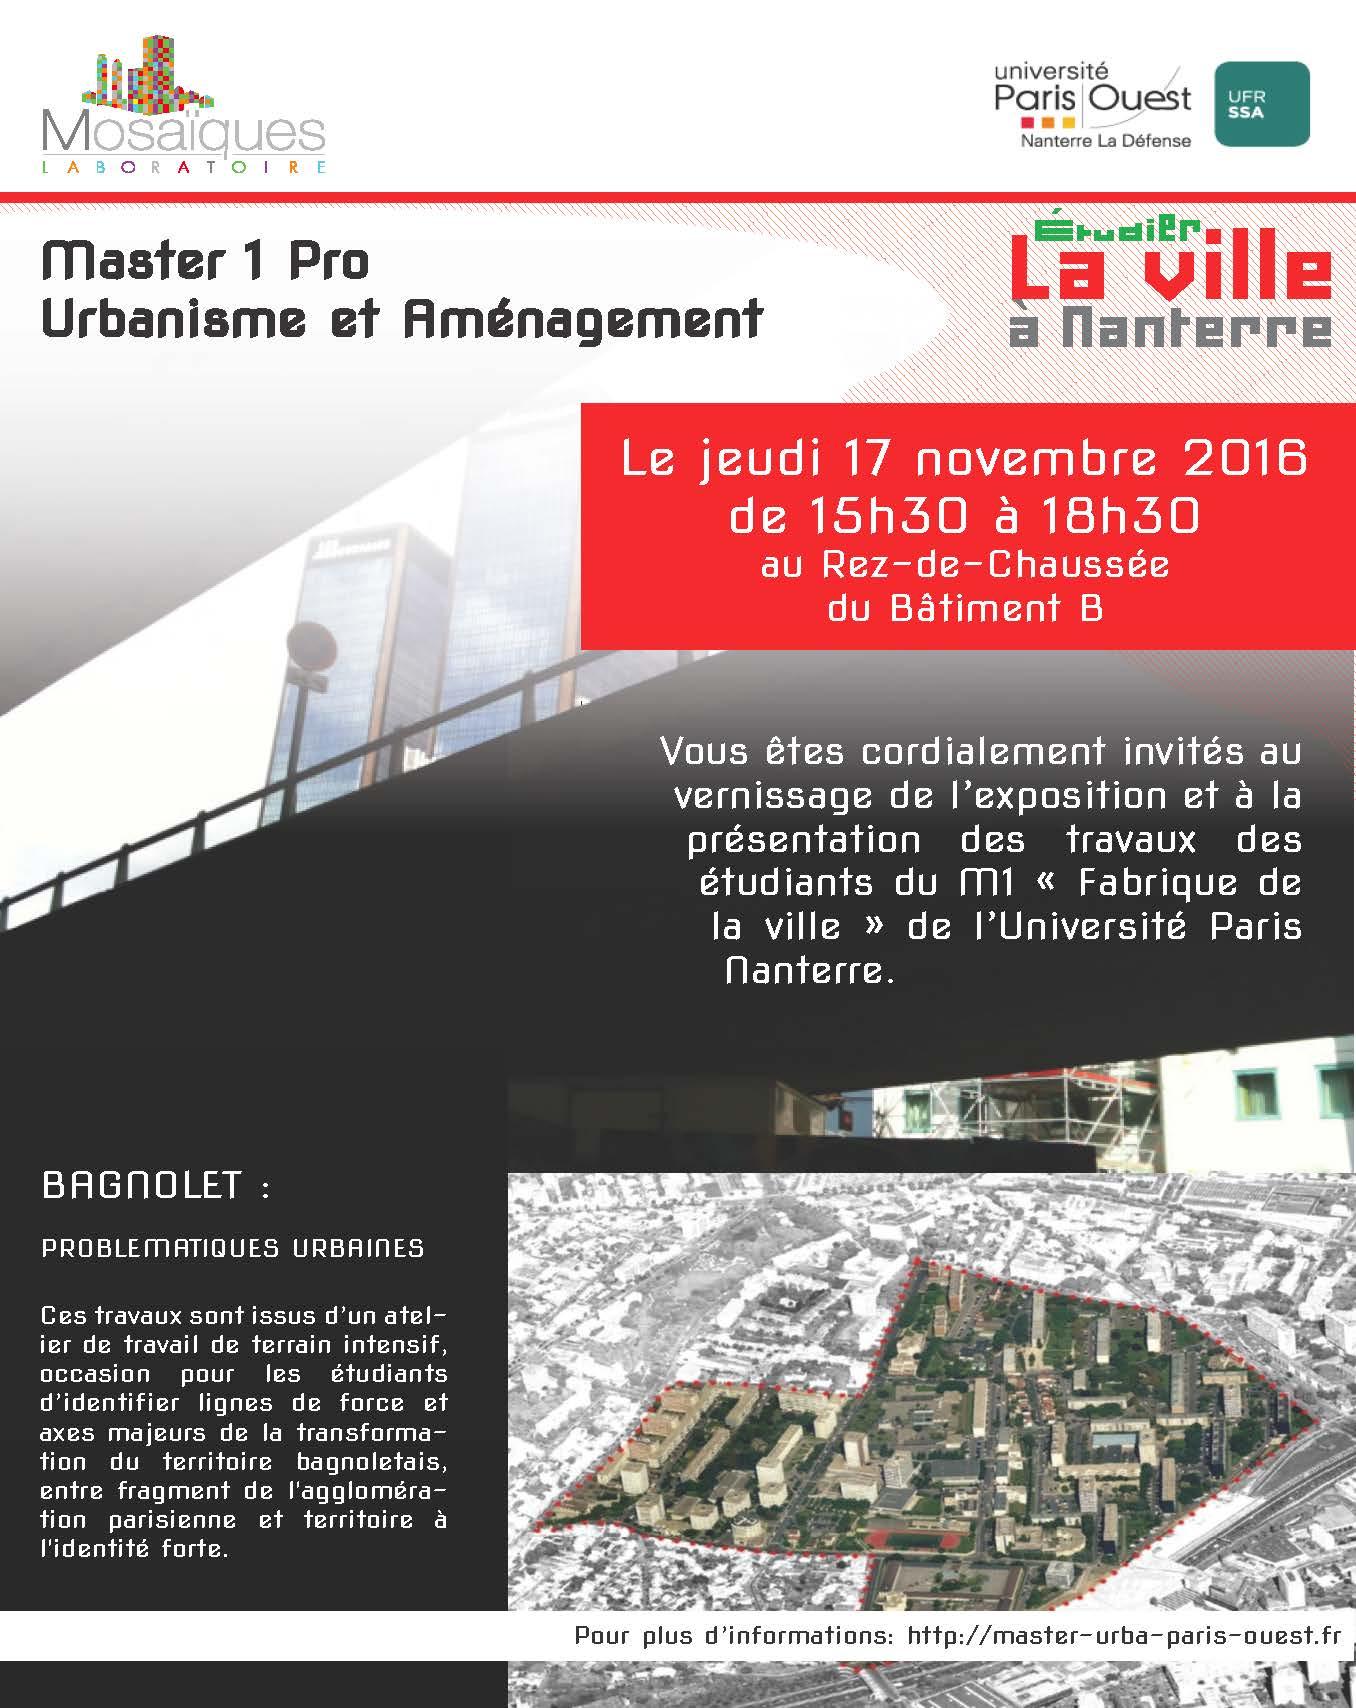 Master urba paris ouest vernissage bagnolet for Expos paris novembre 2016